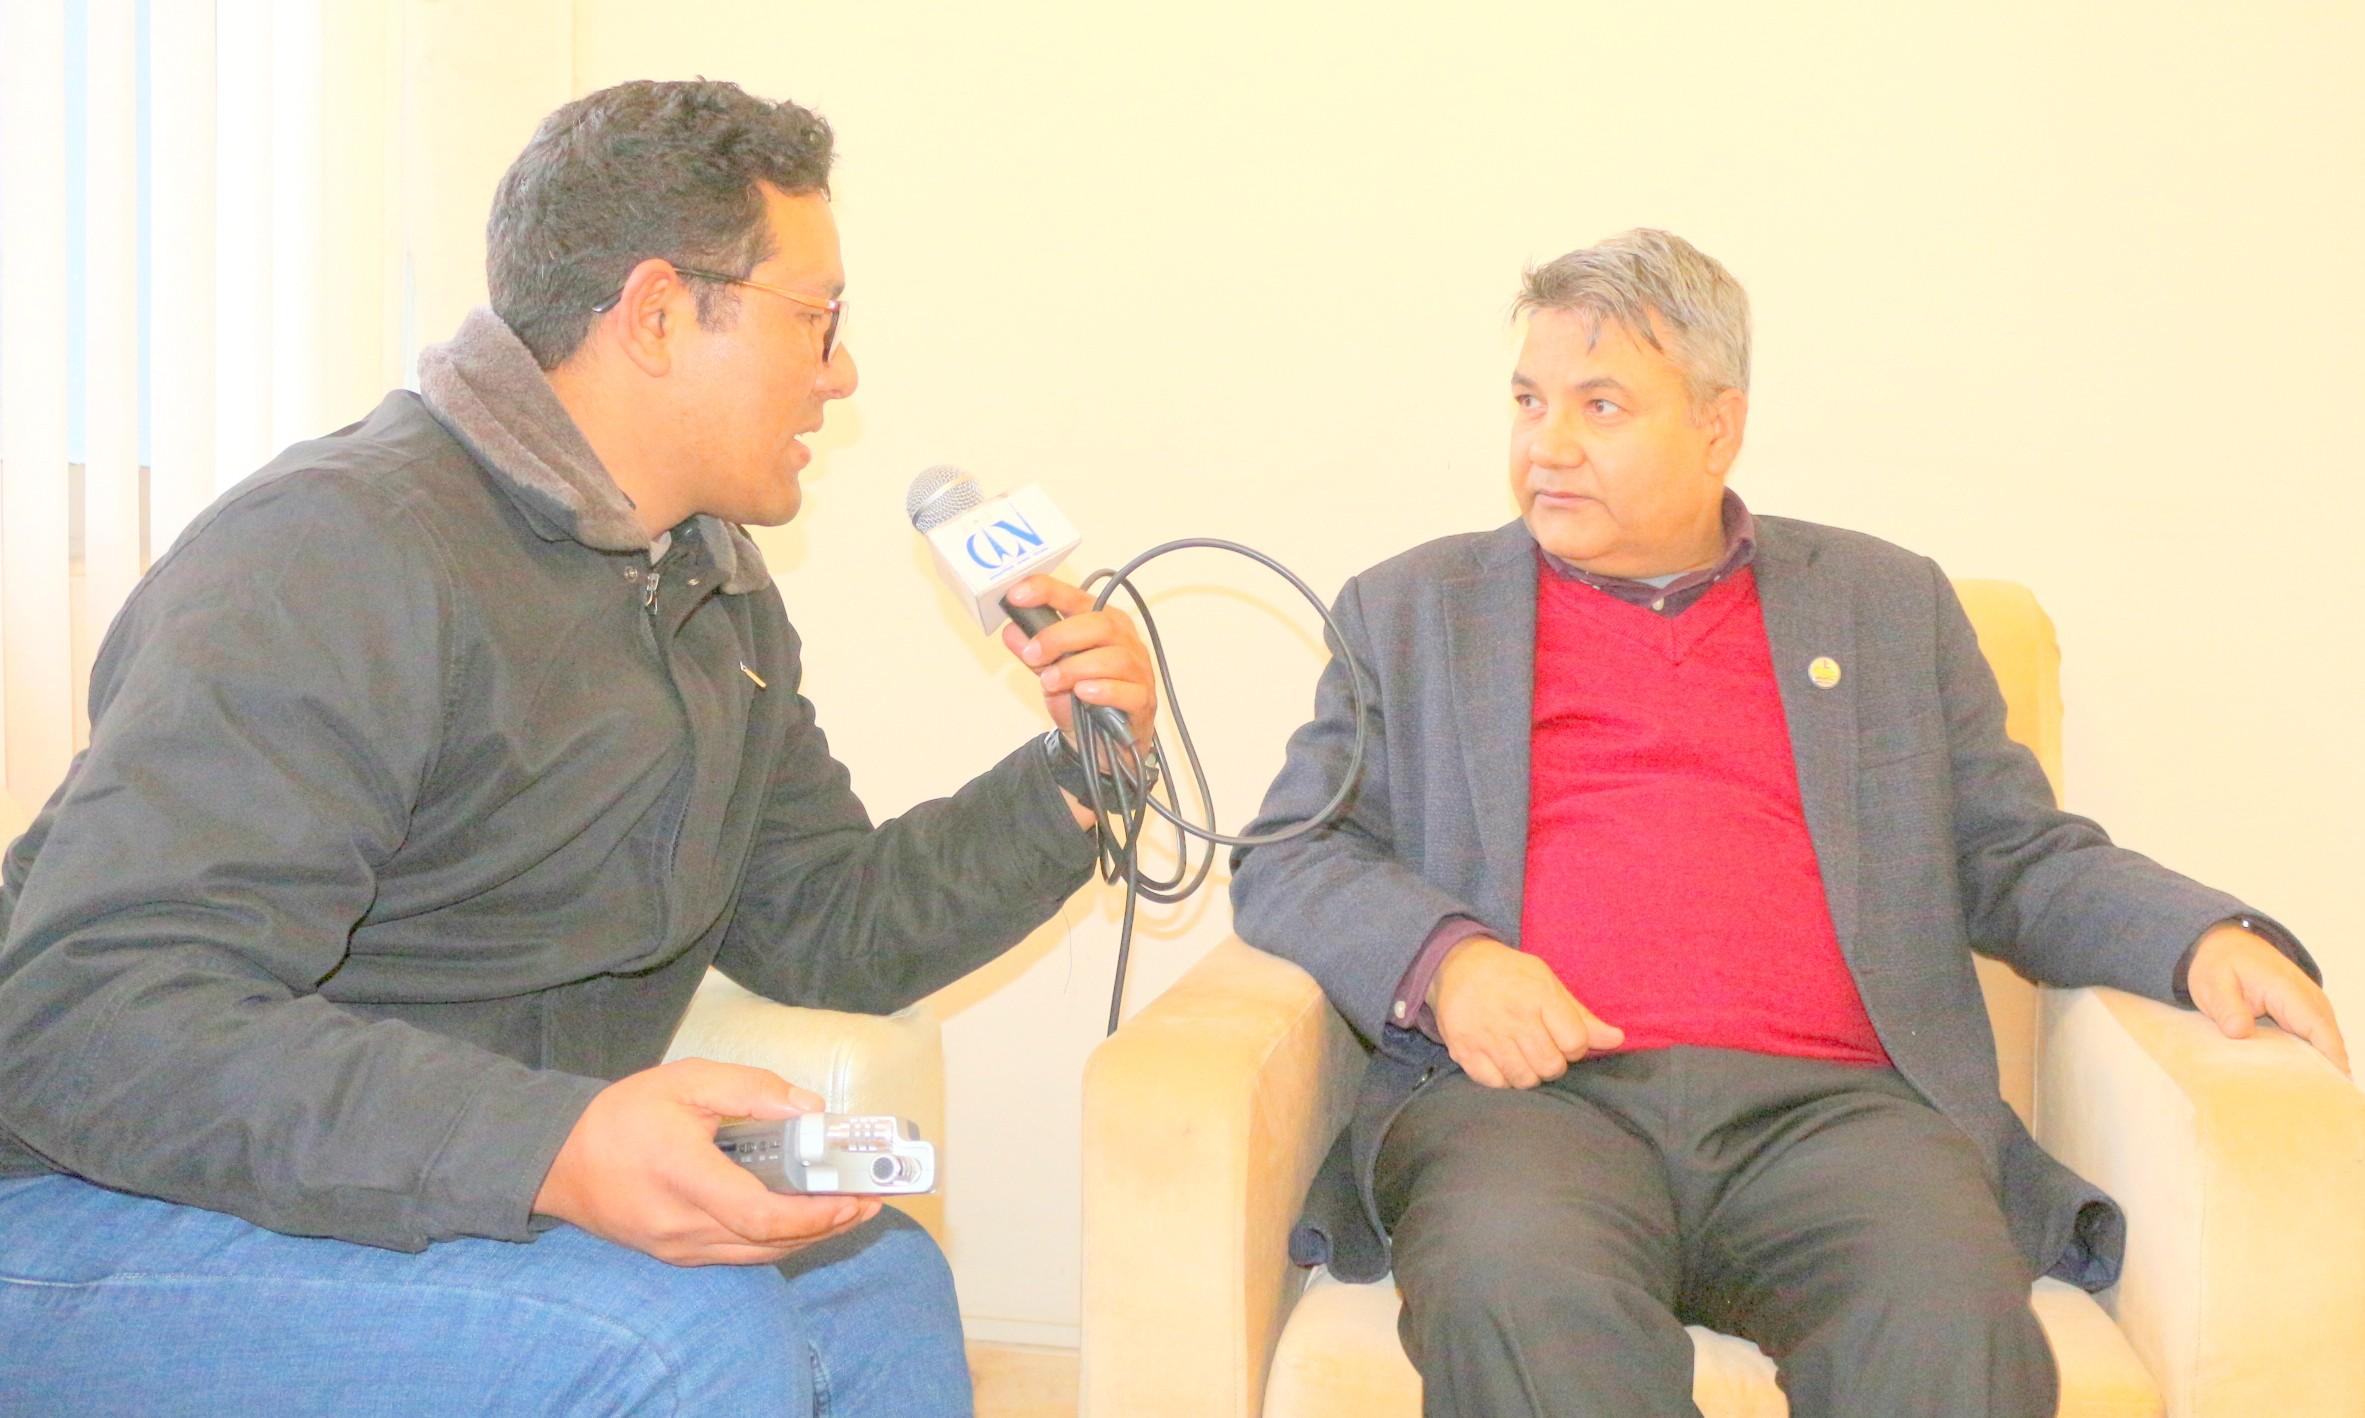 सञ्चार तथा सूचना प्रविधि मन्त्री गोकुल बास्कोटा सीआईएनसँग कुराकानी गर्दै । तस्बिरः राजन रुचाल